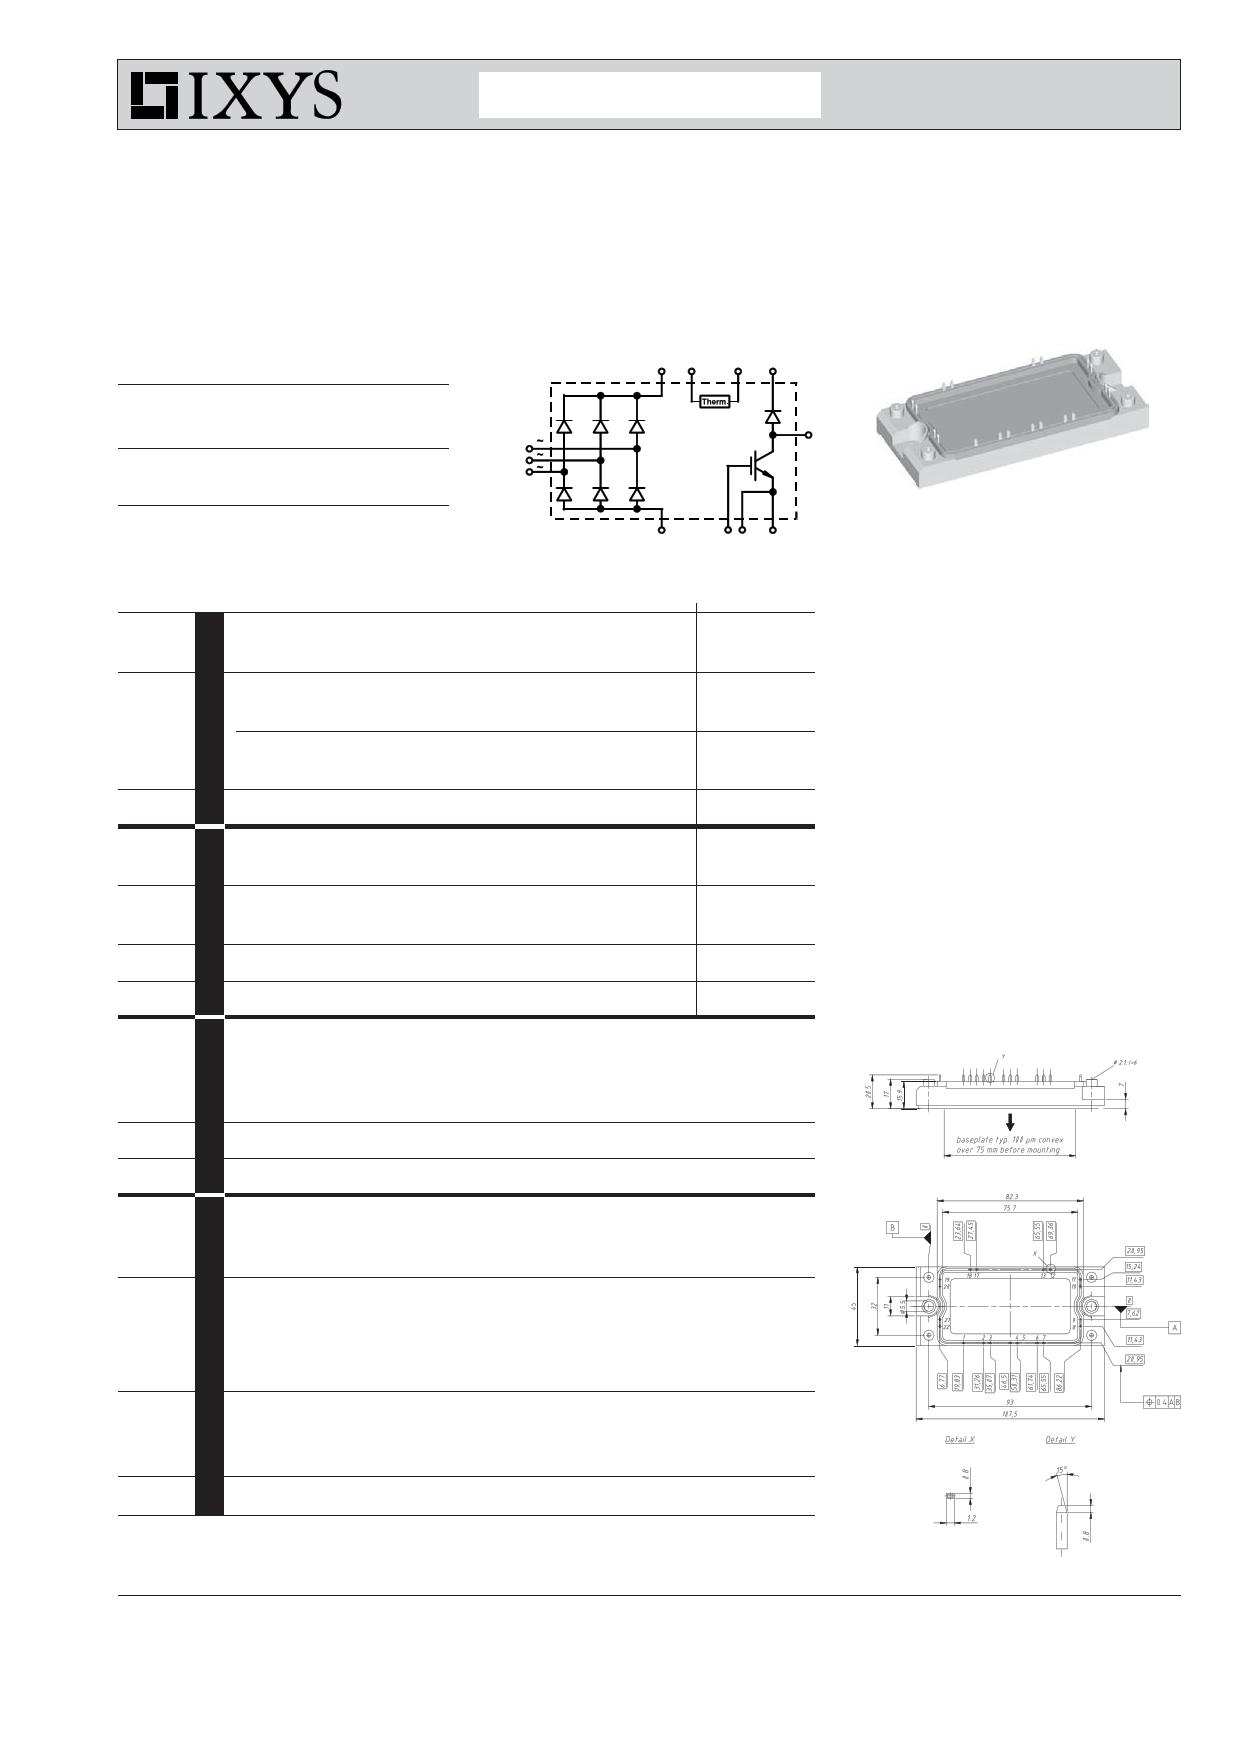 VUB116 datasheet